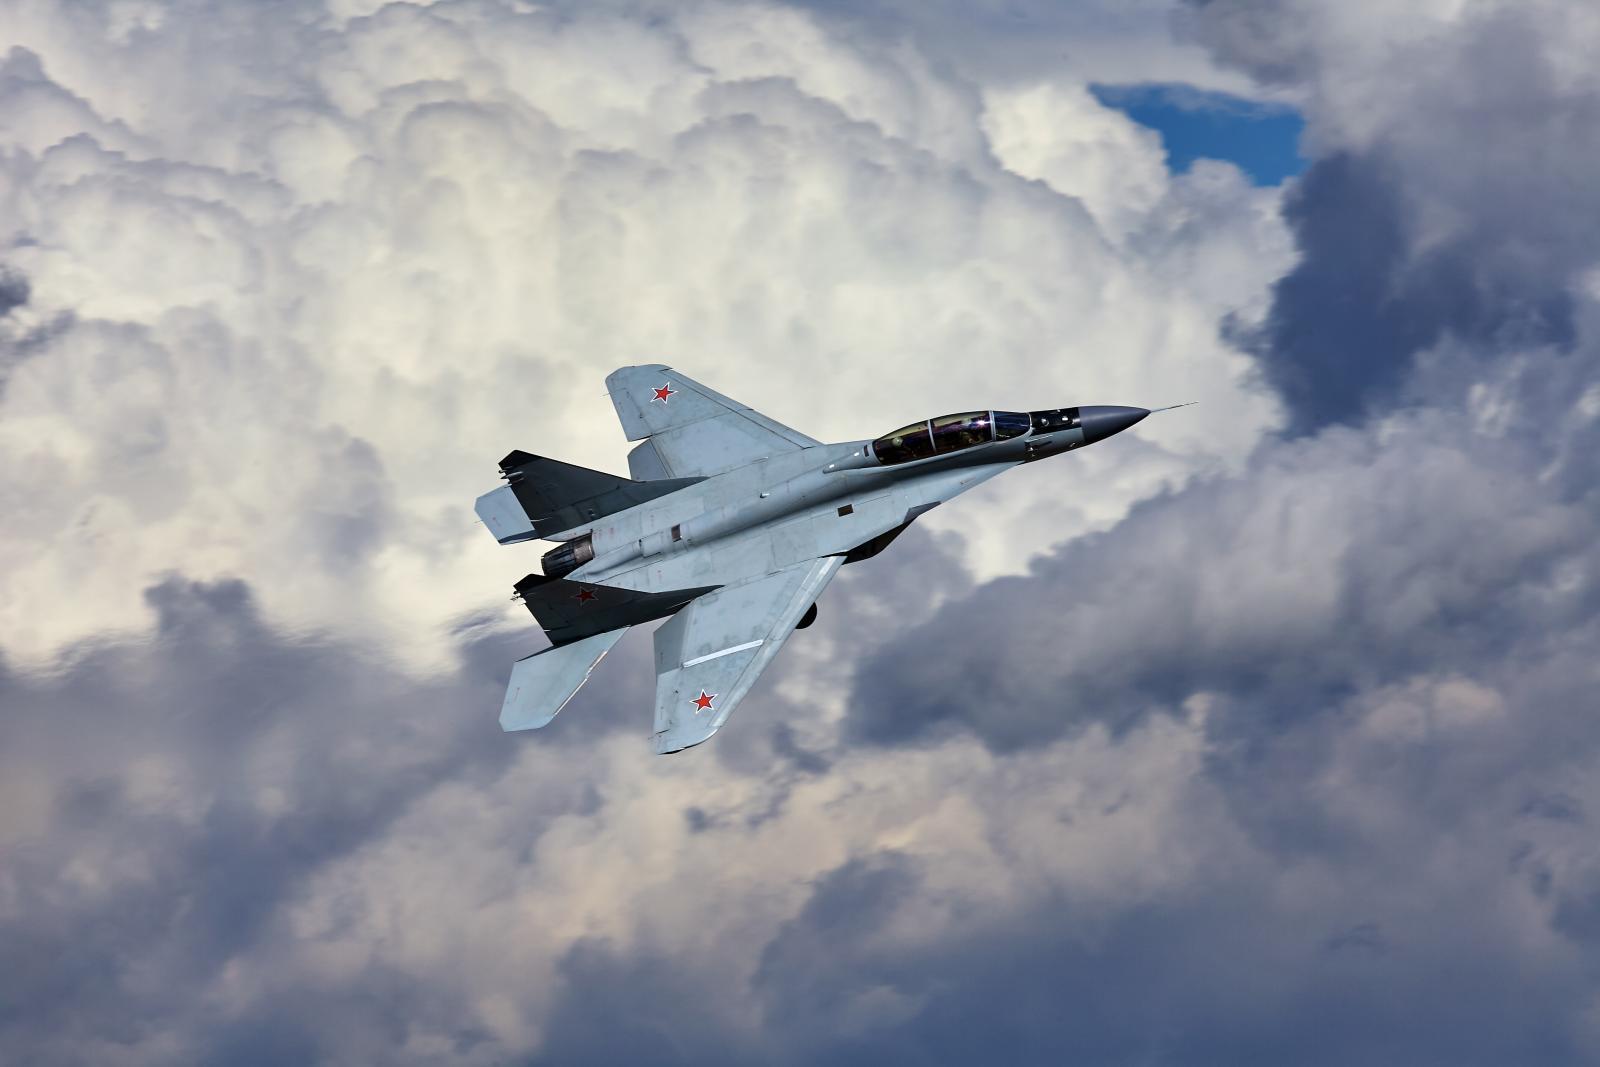 Опять разбился военный самолет